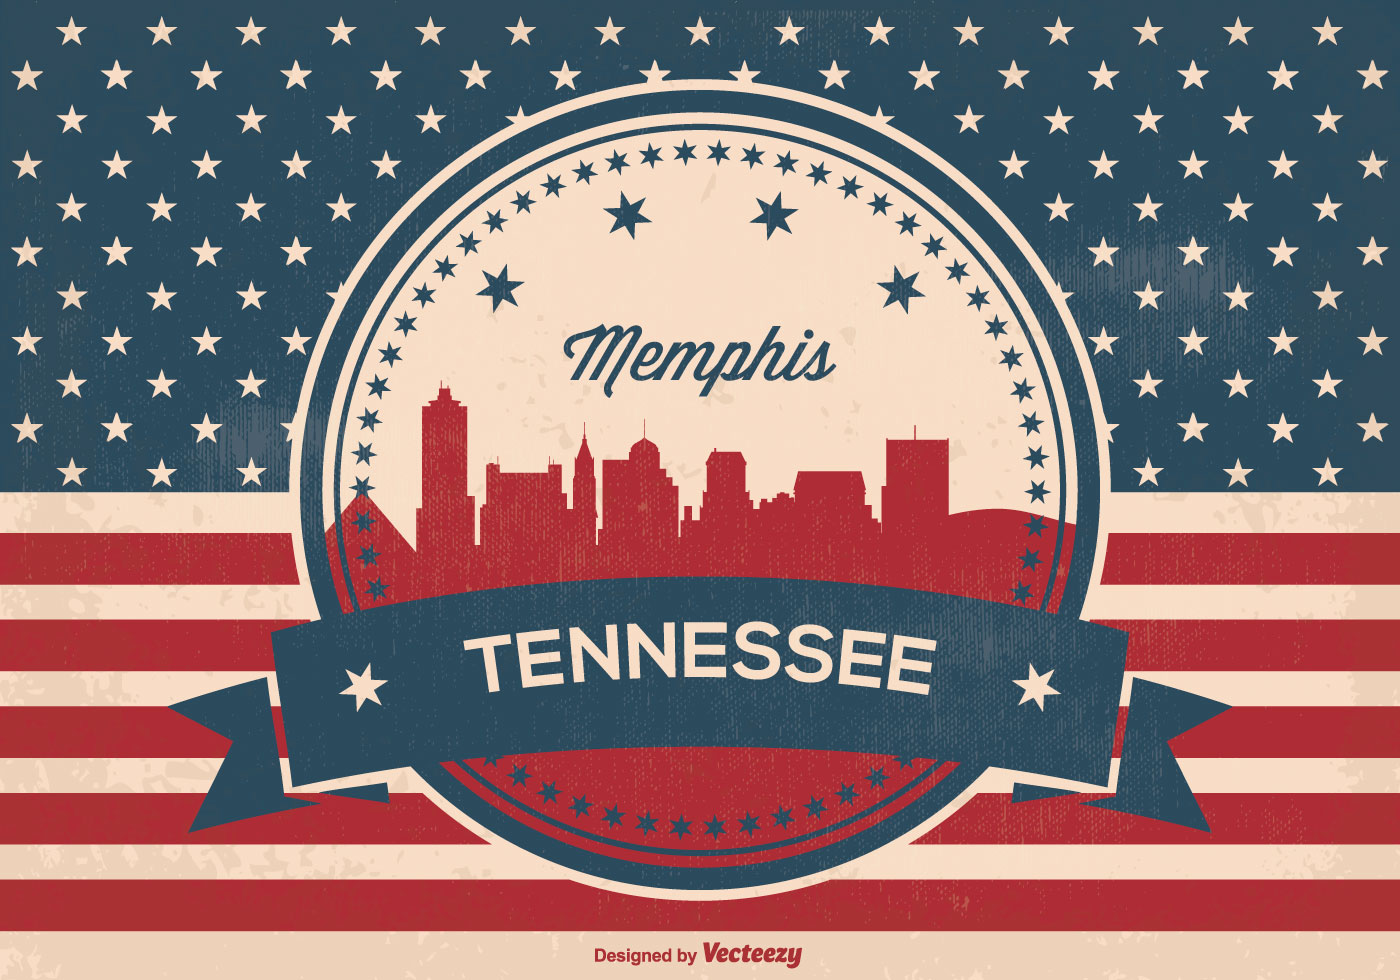 memphis tennessee skyline illustration